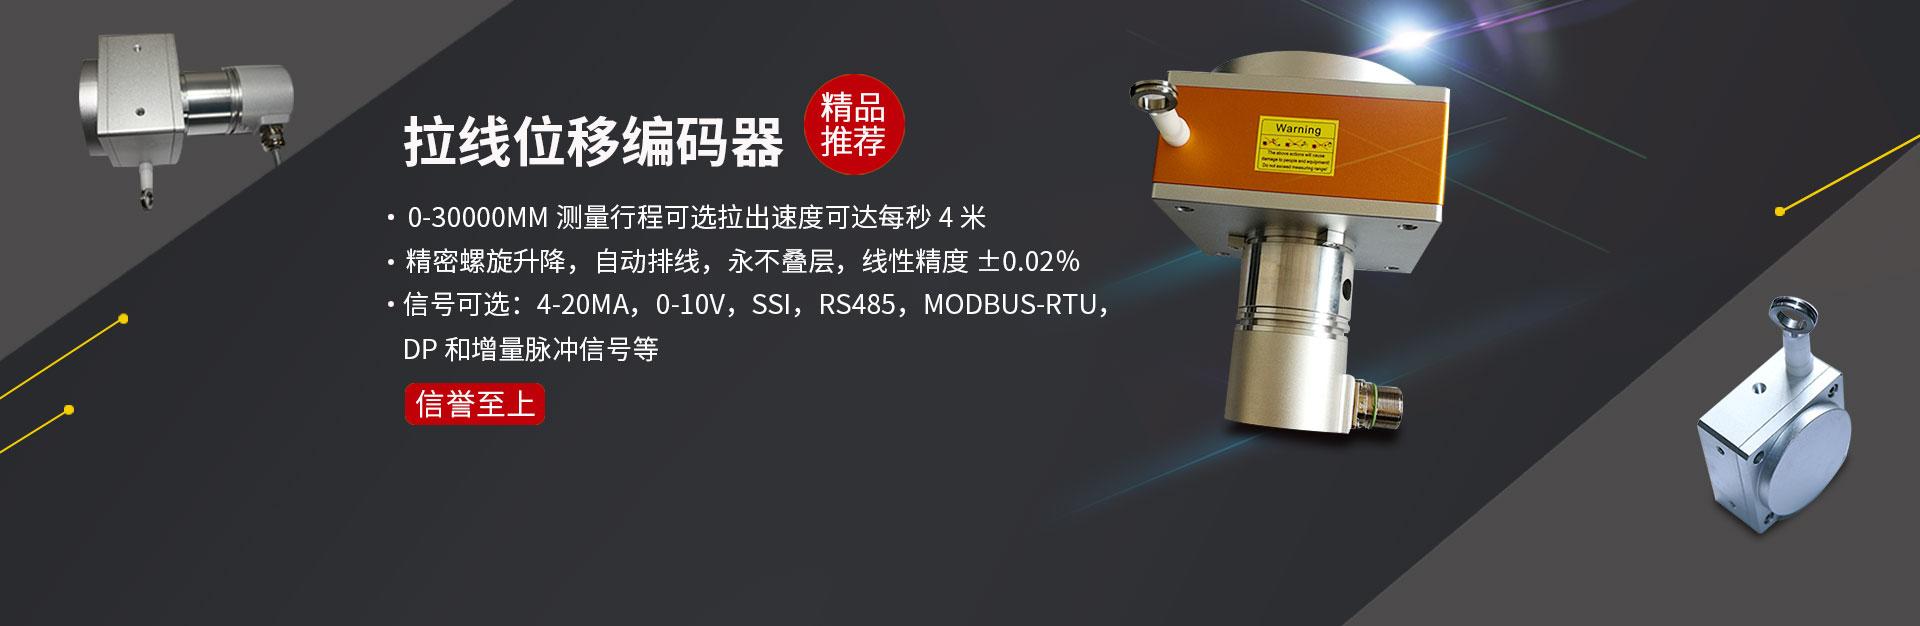 注册捕鱼送现金自动化科技(上海)有限公司